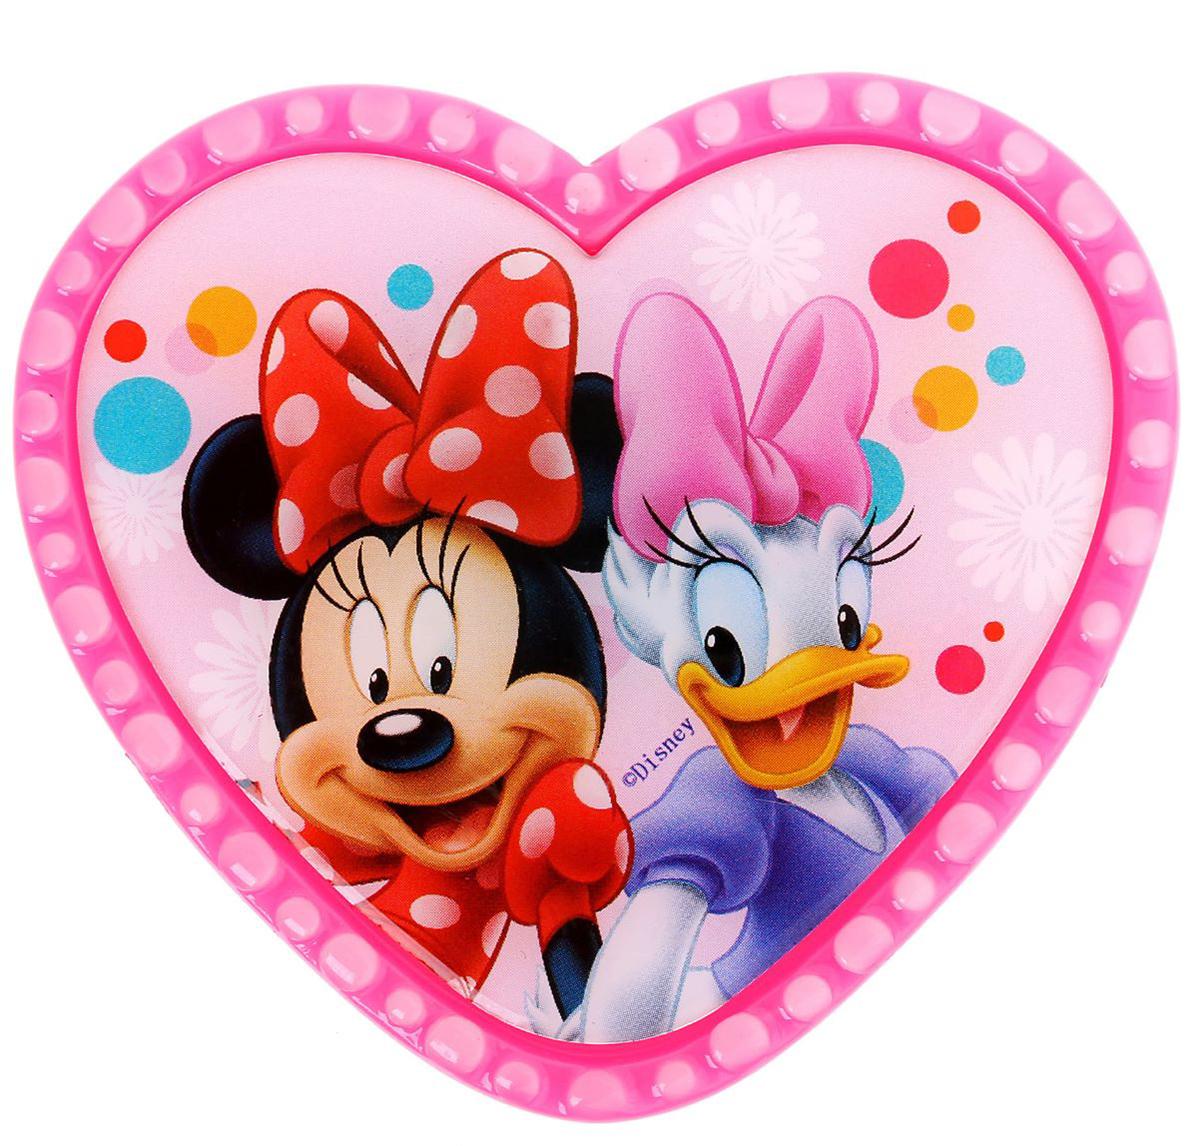 Магнит-рамка Disney Минни и Дэйзи, 6,8 х 6,1 см. 12568481256848Дарите радость с Disney Удивите малышей уникальным сувениром с любимым персонажем! Он порадует ребёнка стильным дизайном и ярким исполнением. Красочный акриловый магнит будет долгие годы украшать холодильник или другую металлическую поверхность. Изделие дополнено оригинальной открыткой, где можно написать тёплые слова и сделать маленький подарок более личным. Соберите коллекцию аксессуаров с любимыми героями!